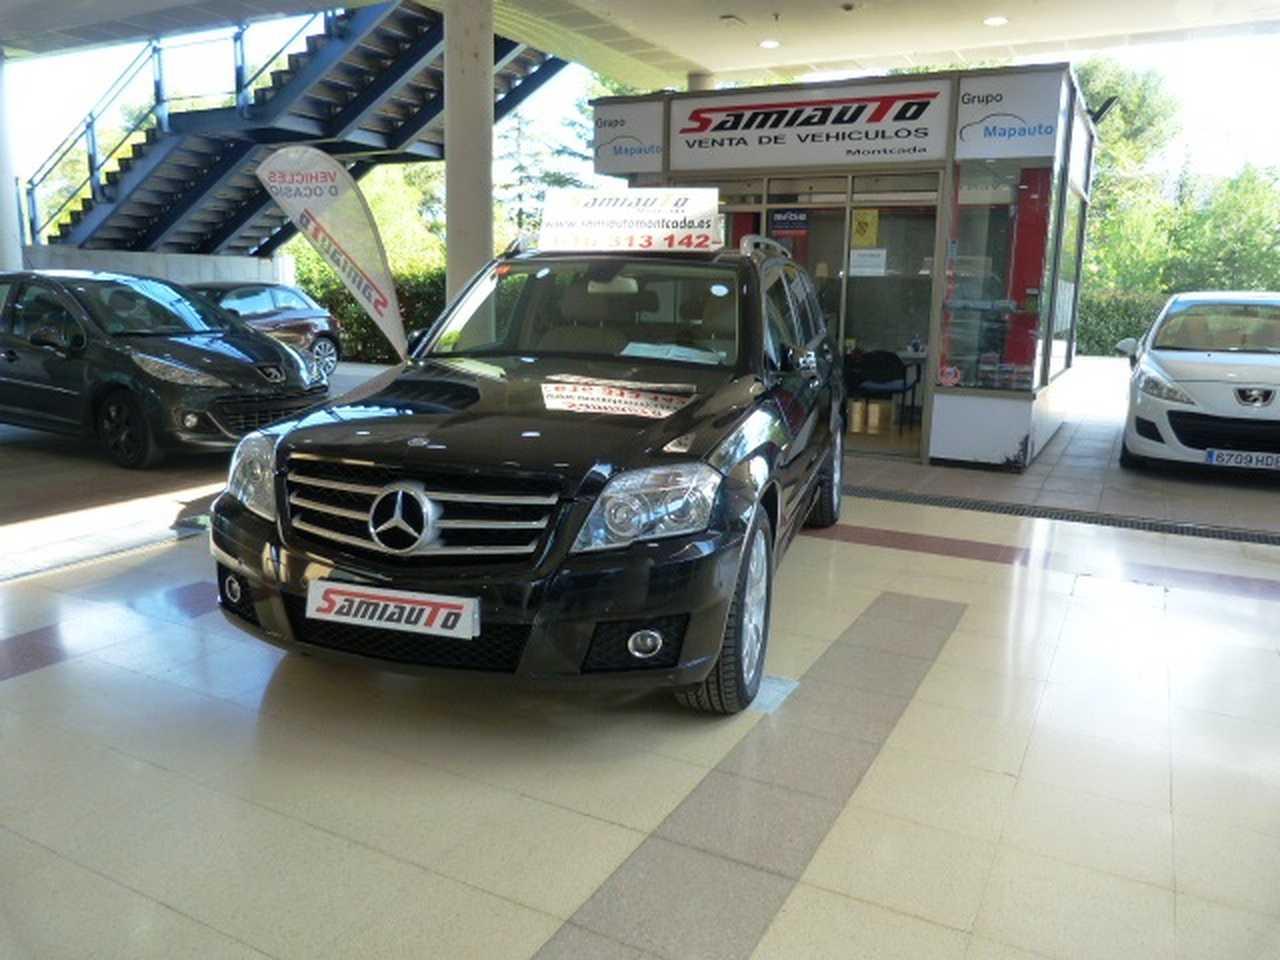 Mercedes Clase GLK Clase GLK GLK 220 CDI Blue Efficiency 5p. UN SOLO PROPIETARIO LIBRO DE REVISIONES  - Foto 1